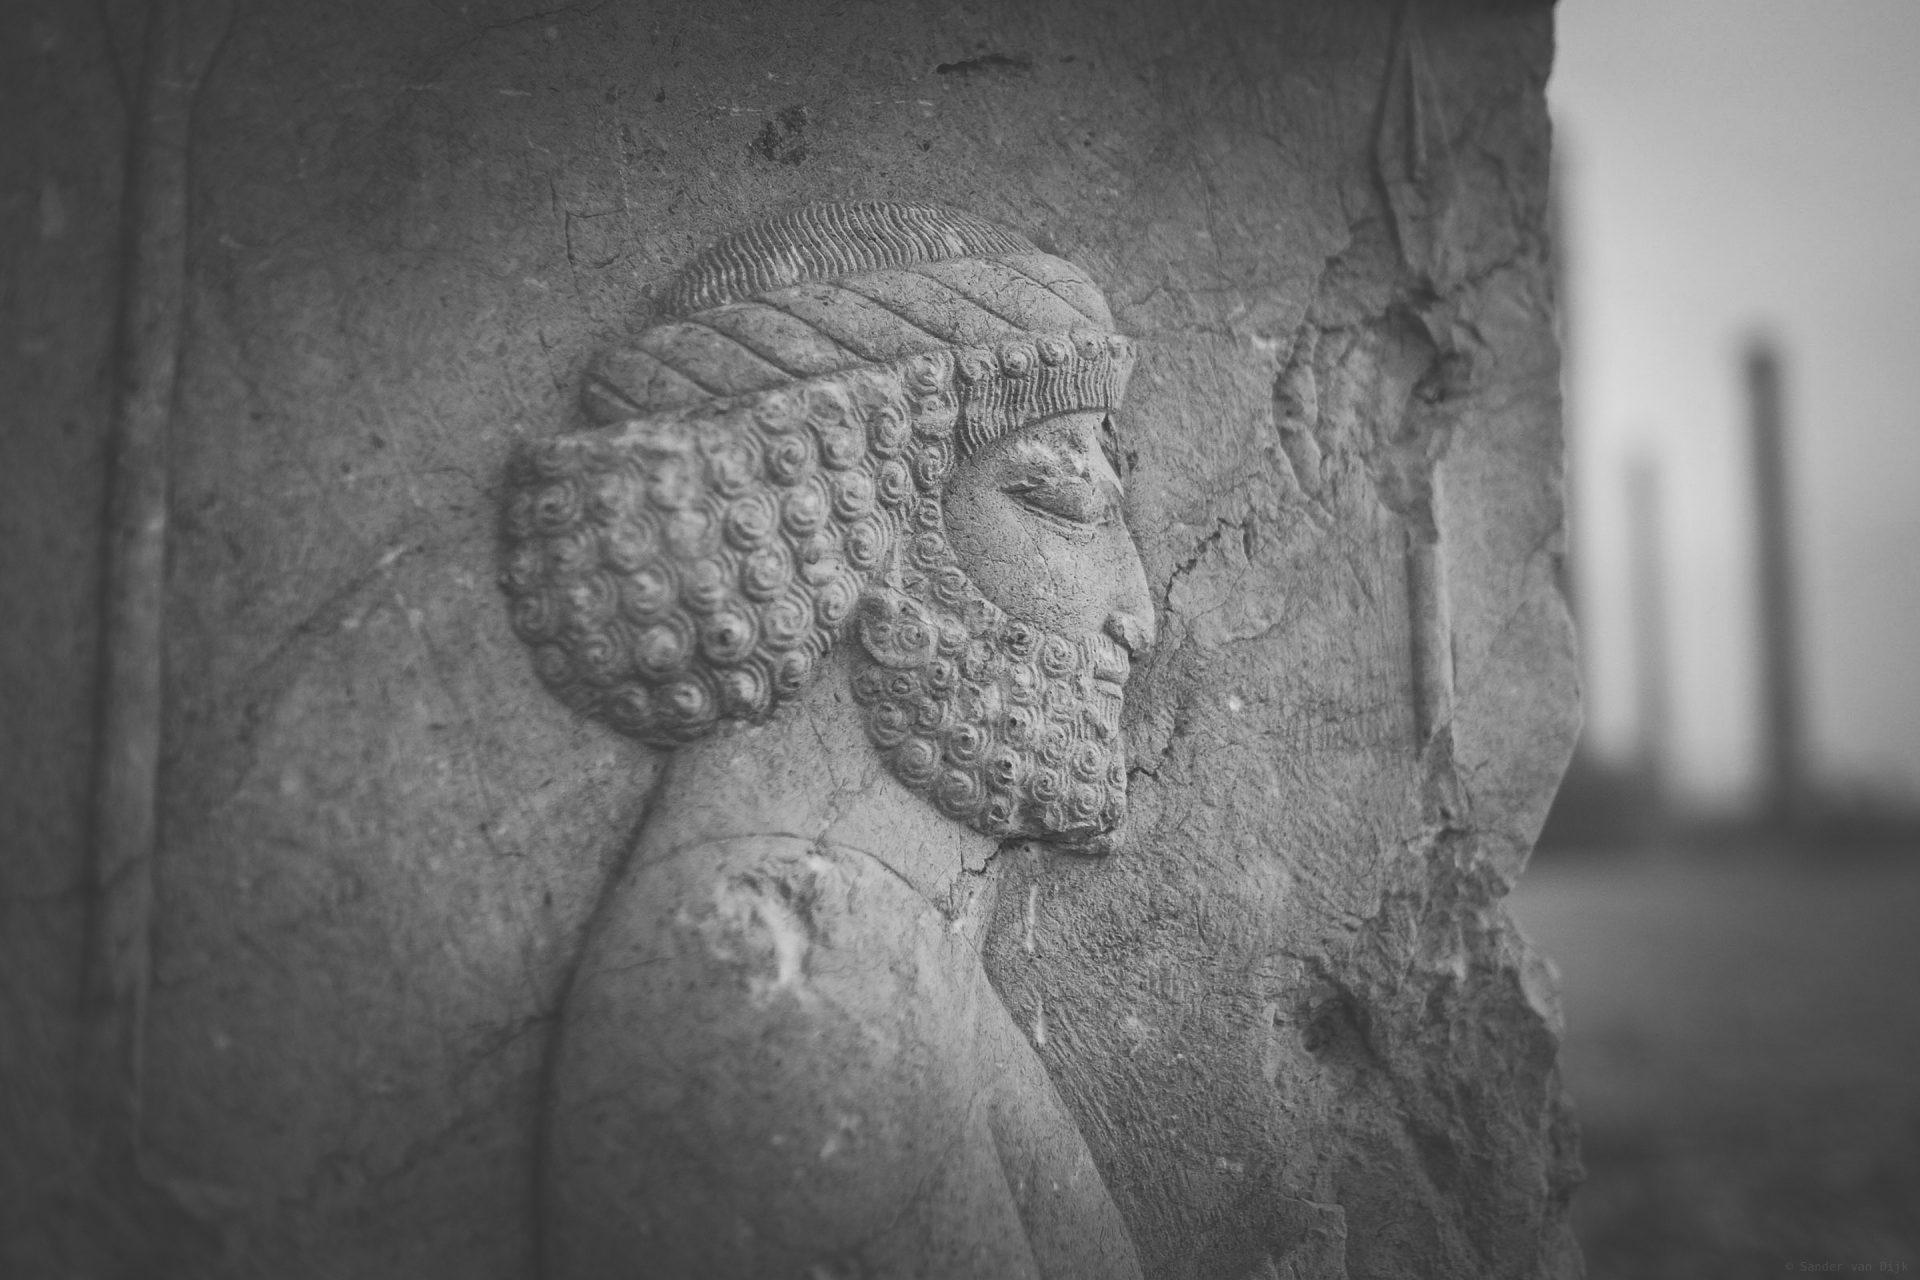 DSCF8909-format_persepolis- Iran- Persepolis-2016